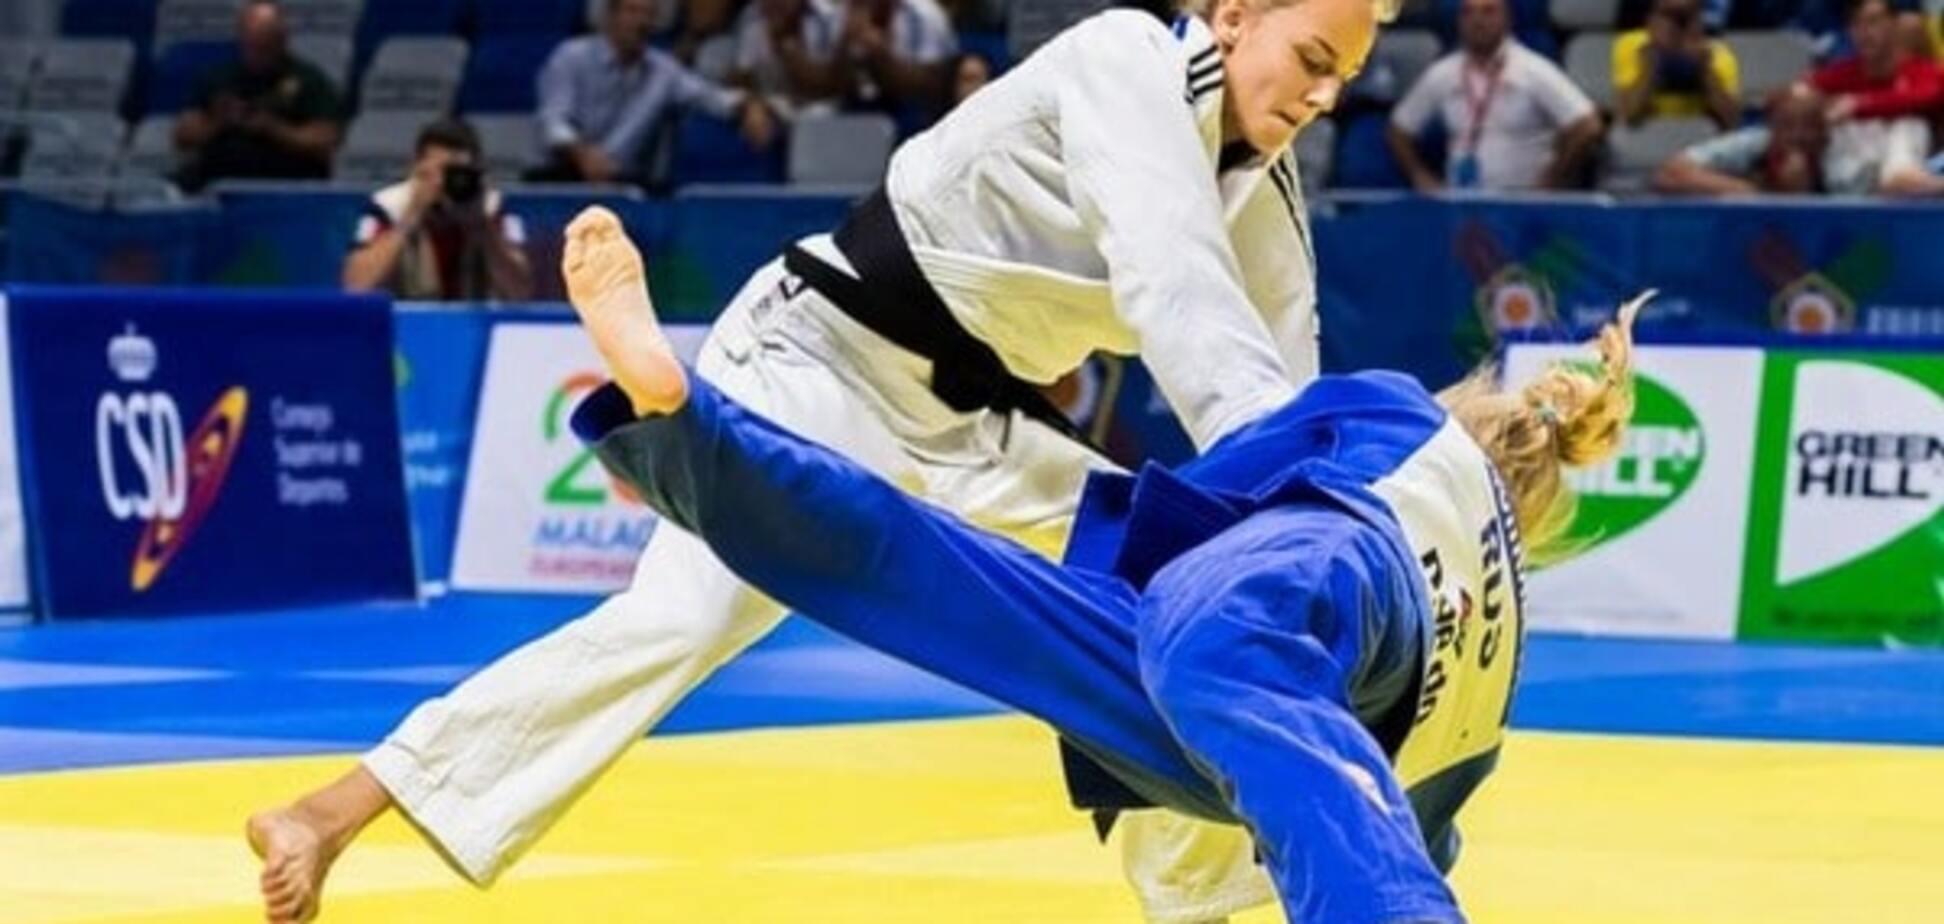 Украинская дзюдоистка-вундеркинд выиграла чемпионат Европы, одолев россиянку